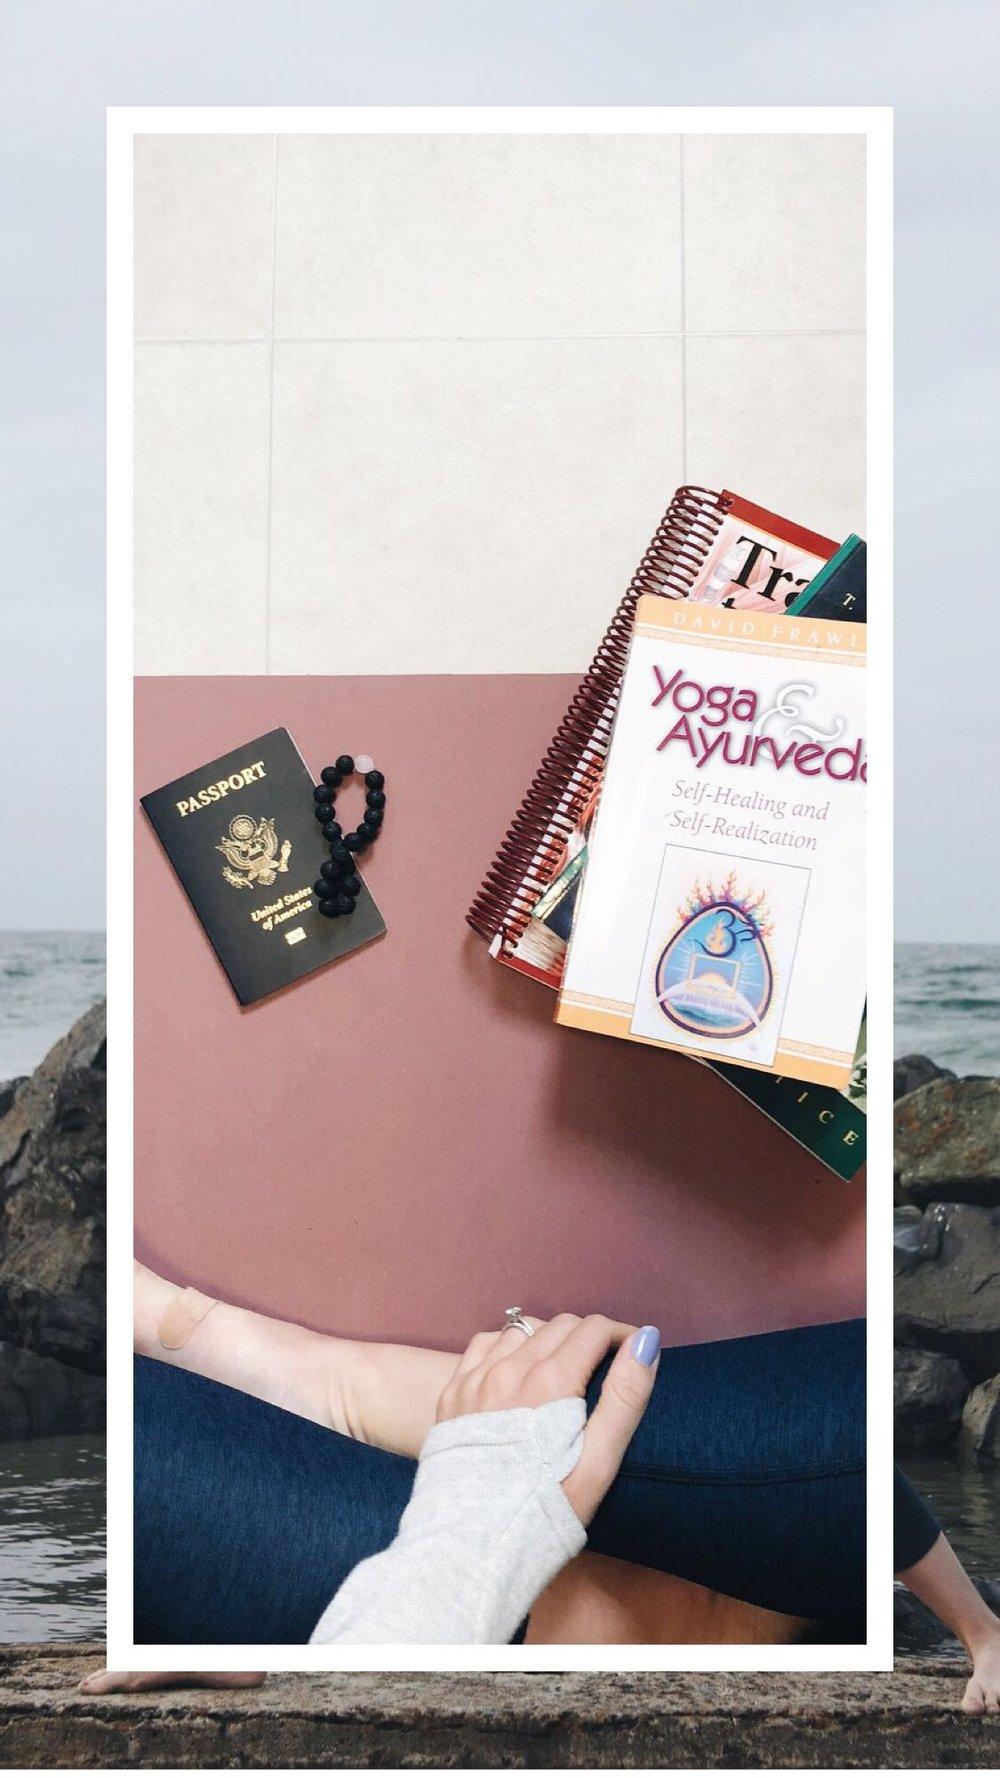 my readings, mala beads and passport!